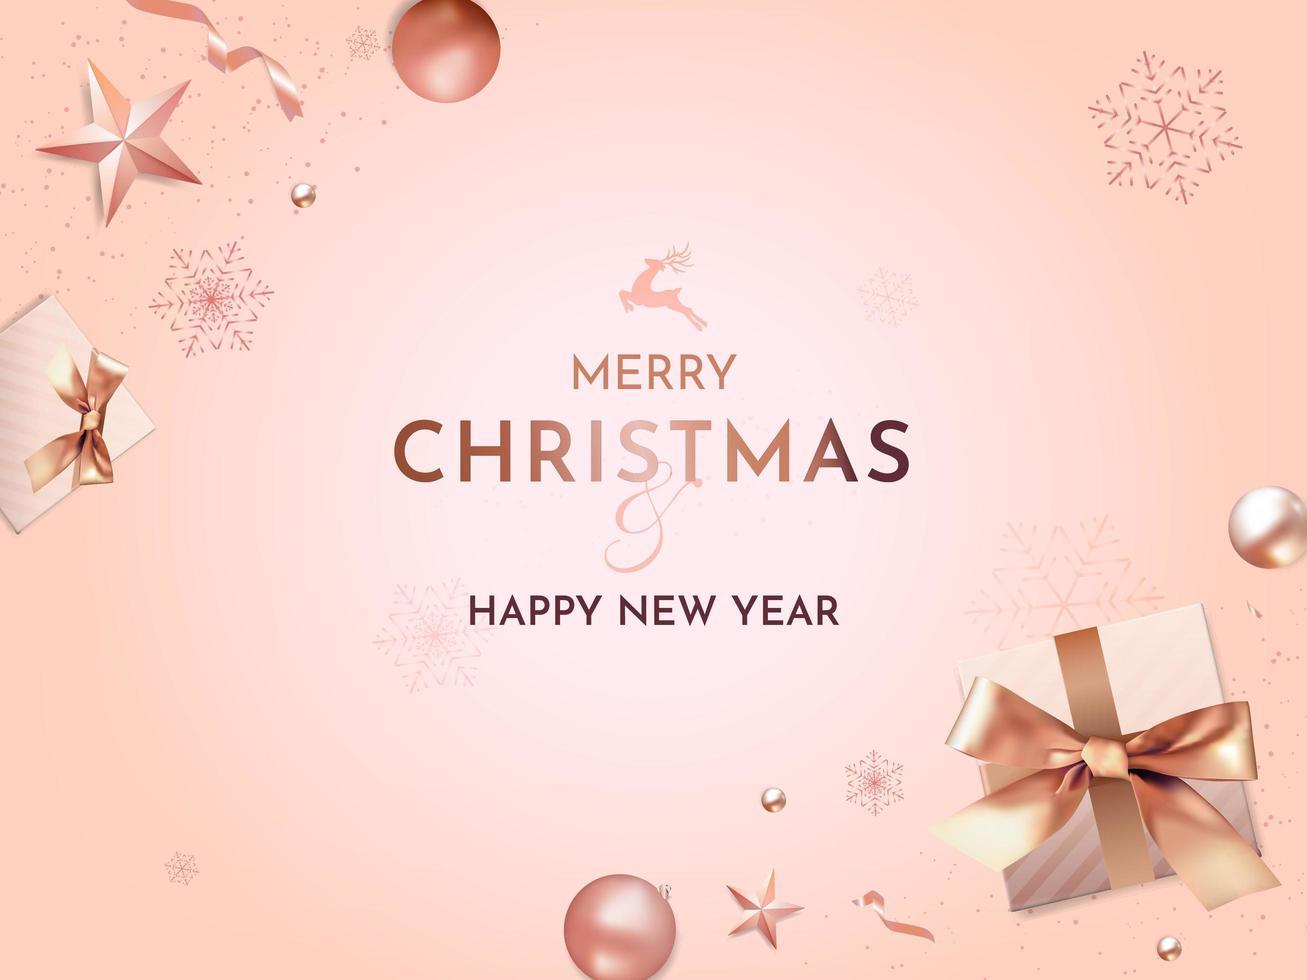 Weihnachts- und Neujahrsgruß mit realistischen Weihnachtsdekorationen vektor